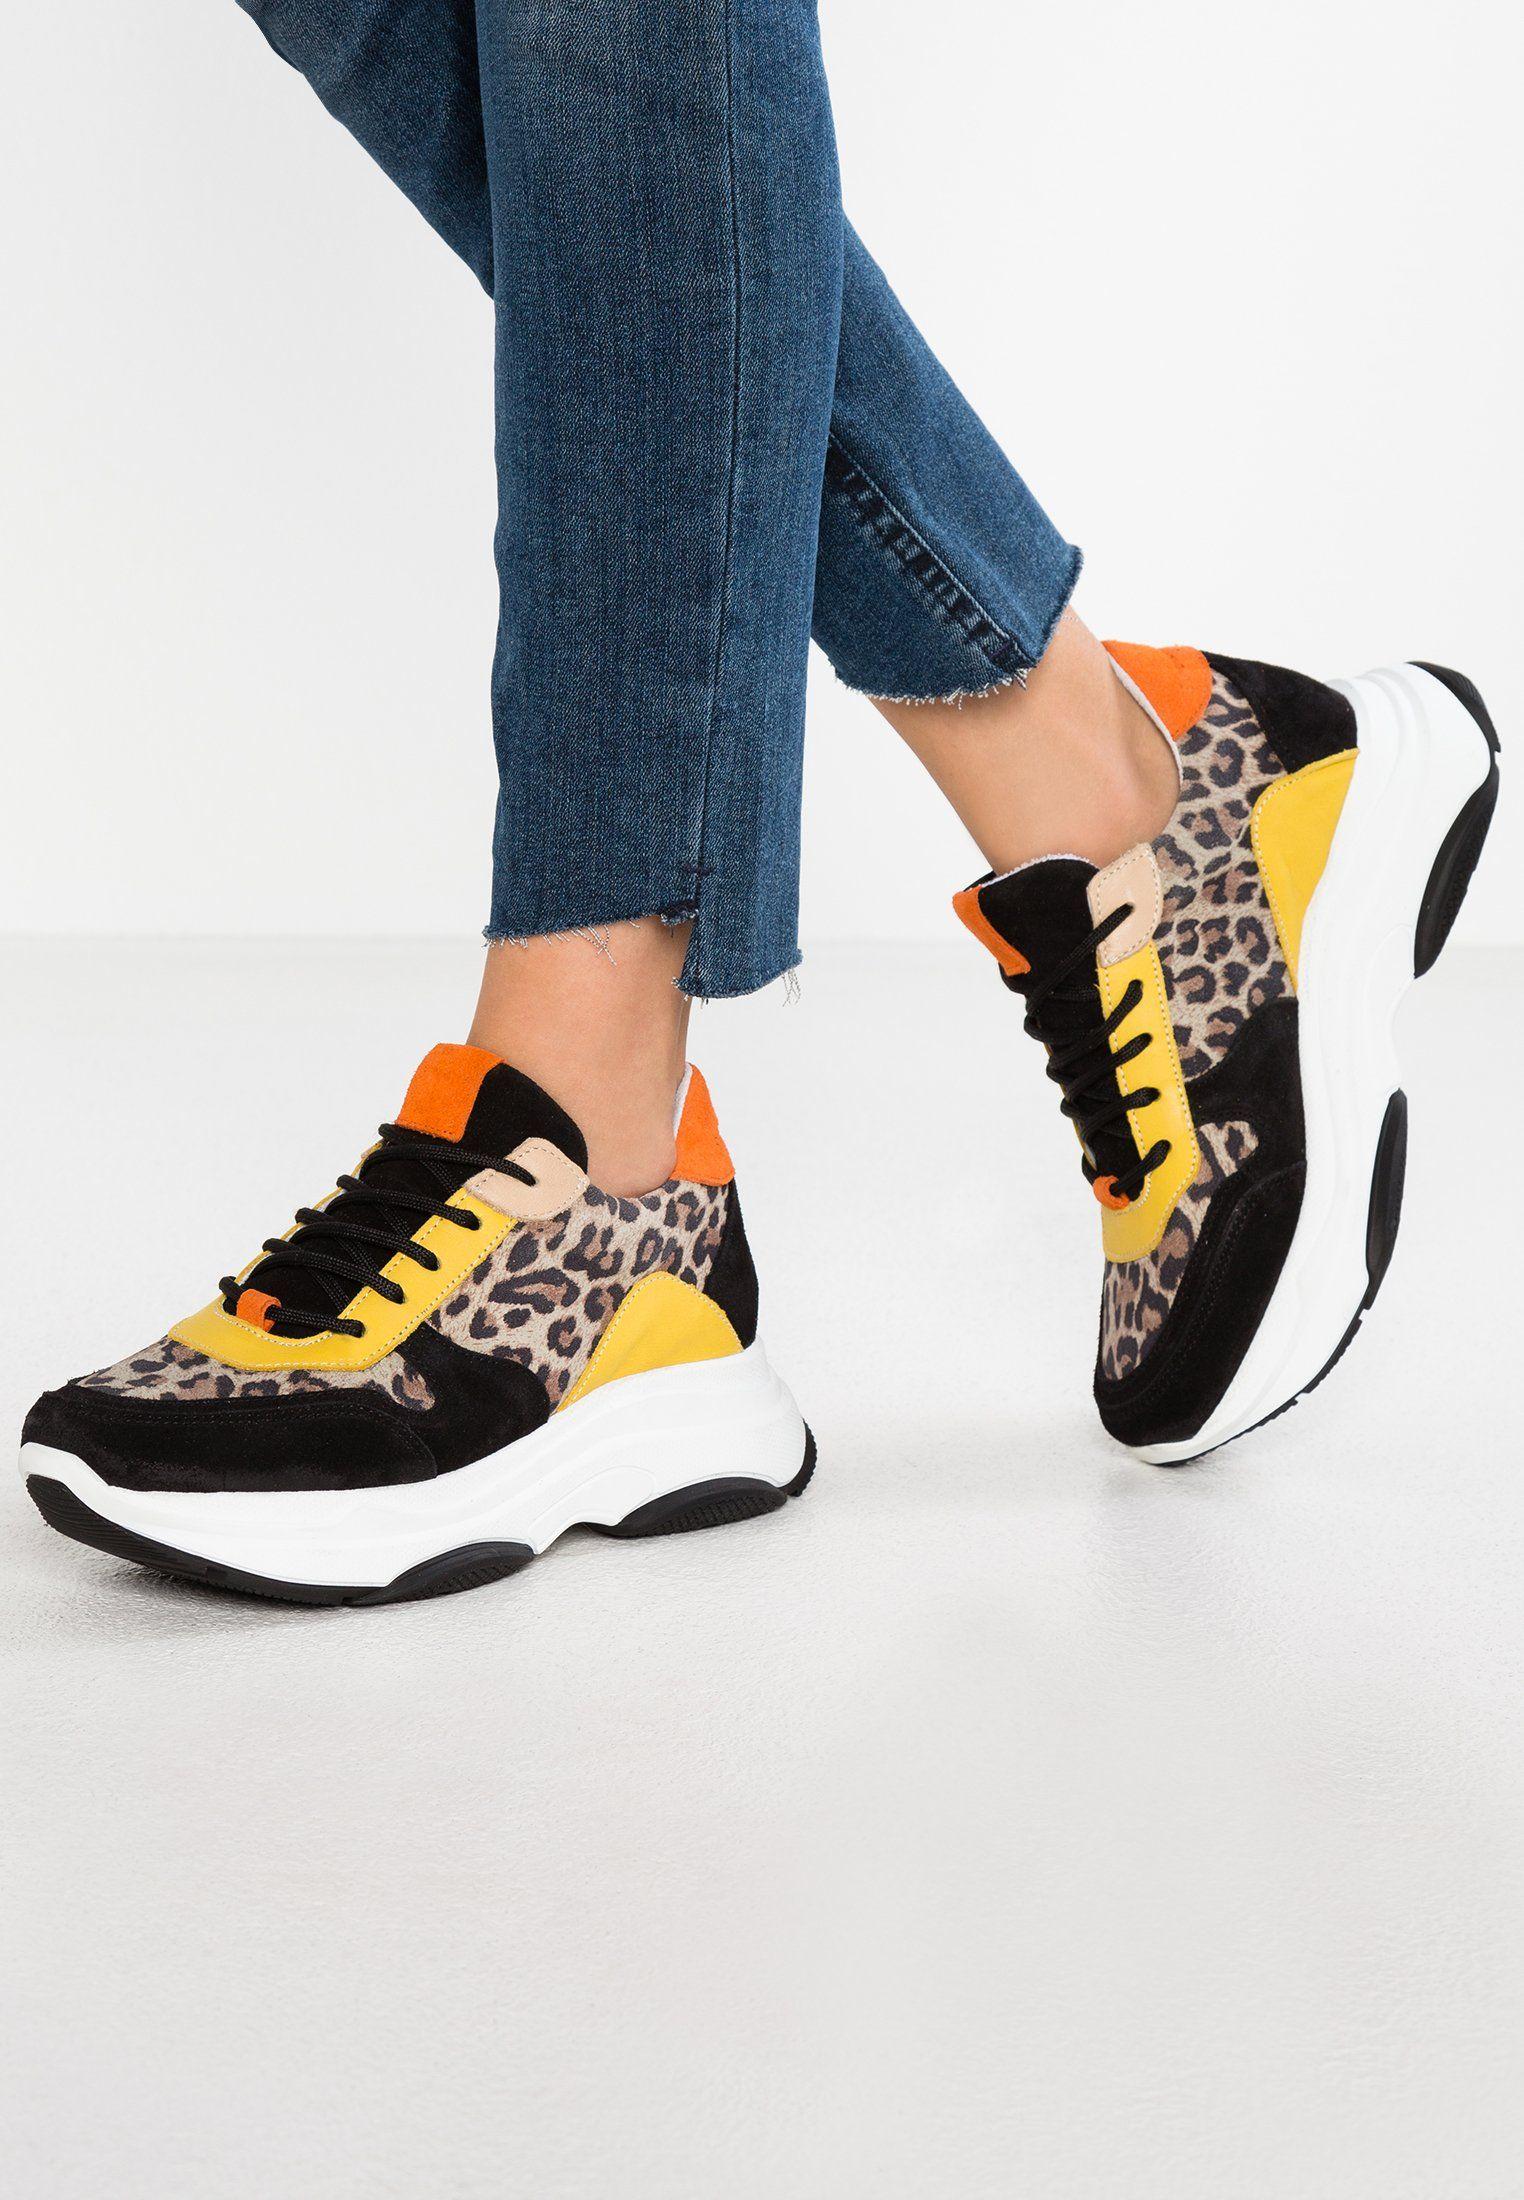 ZELA Sneakers multicolor | Shoes en 2019 | Zapatillas